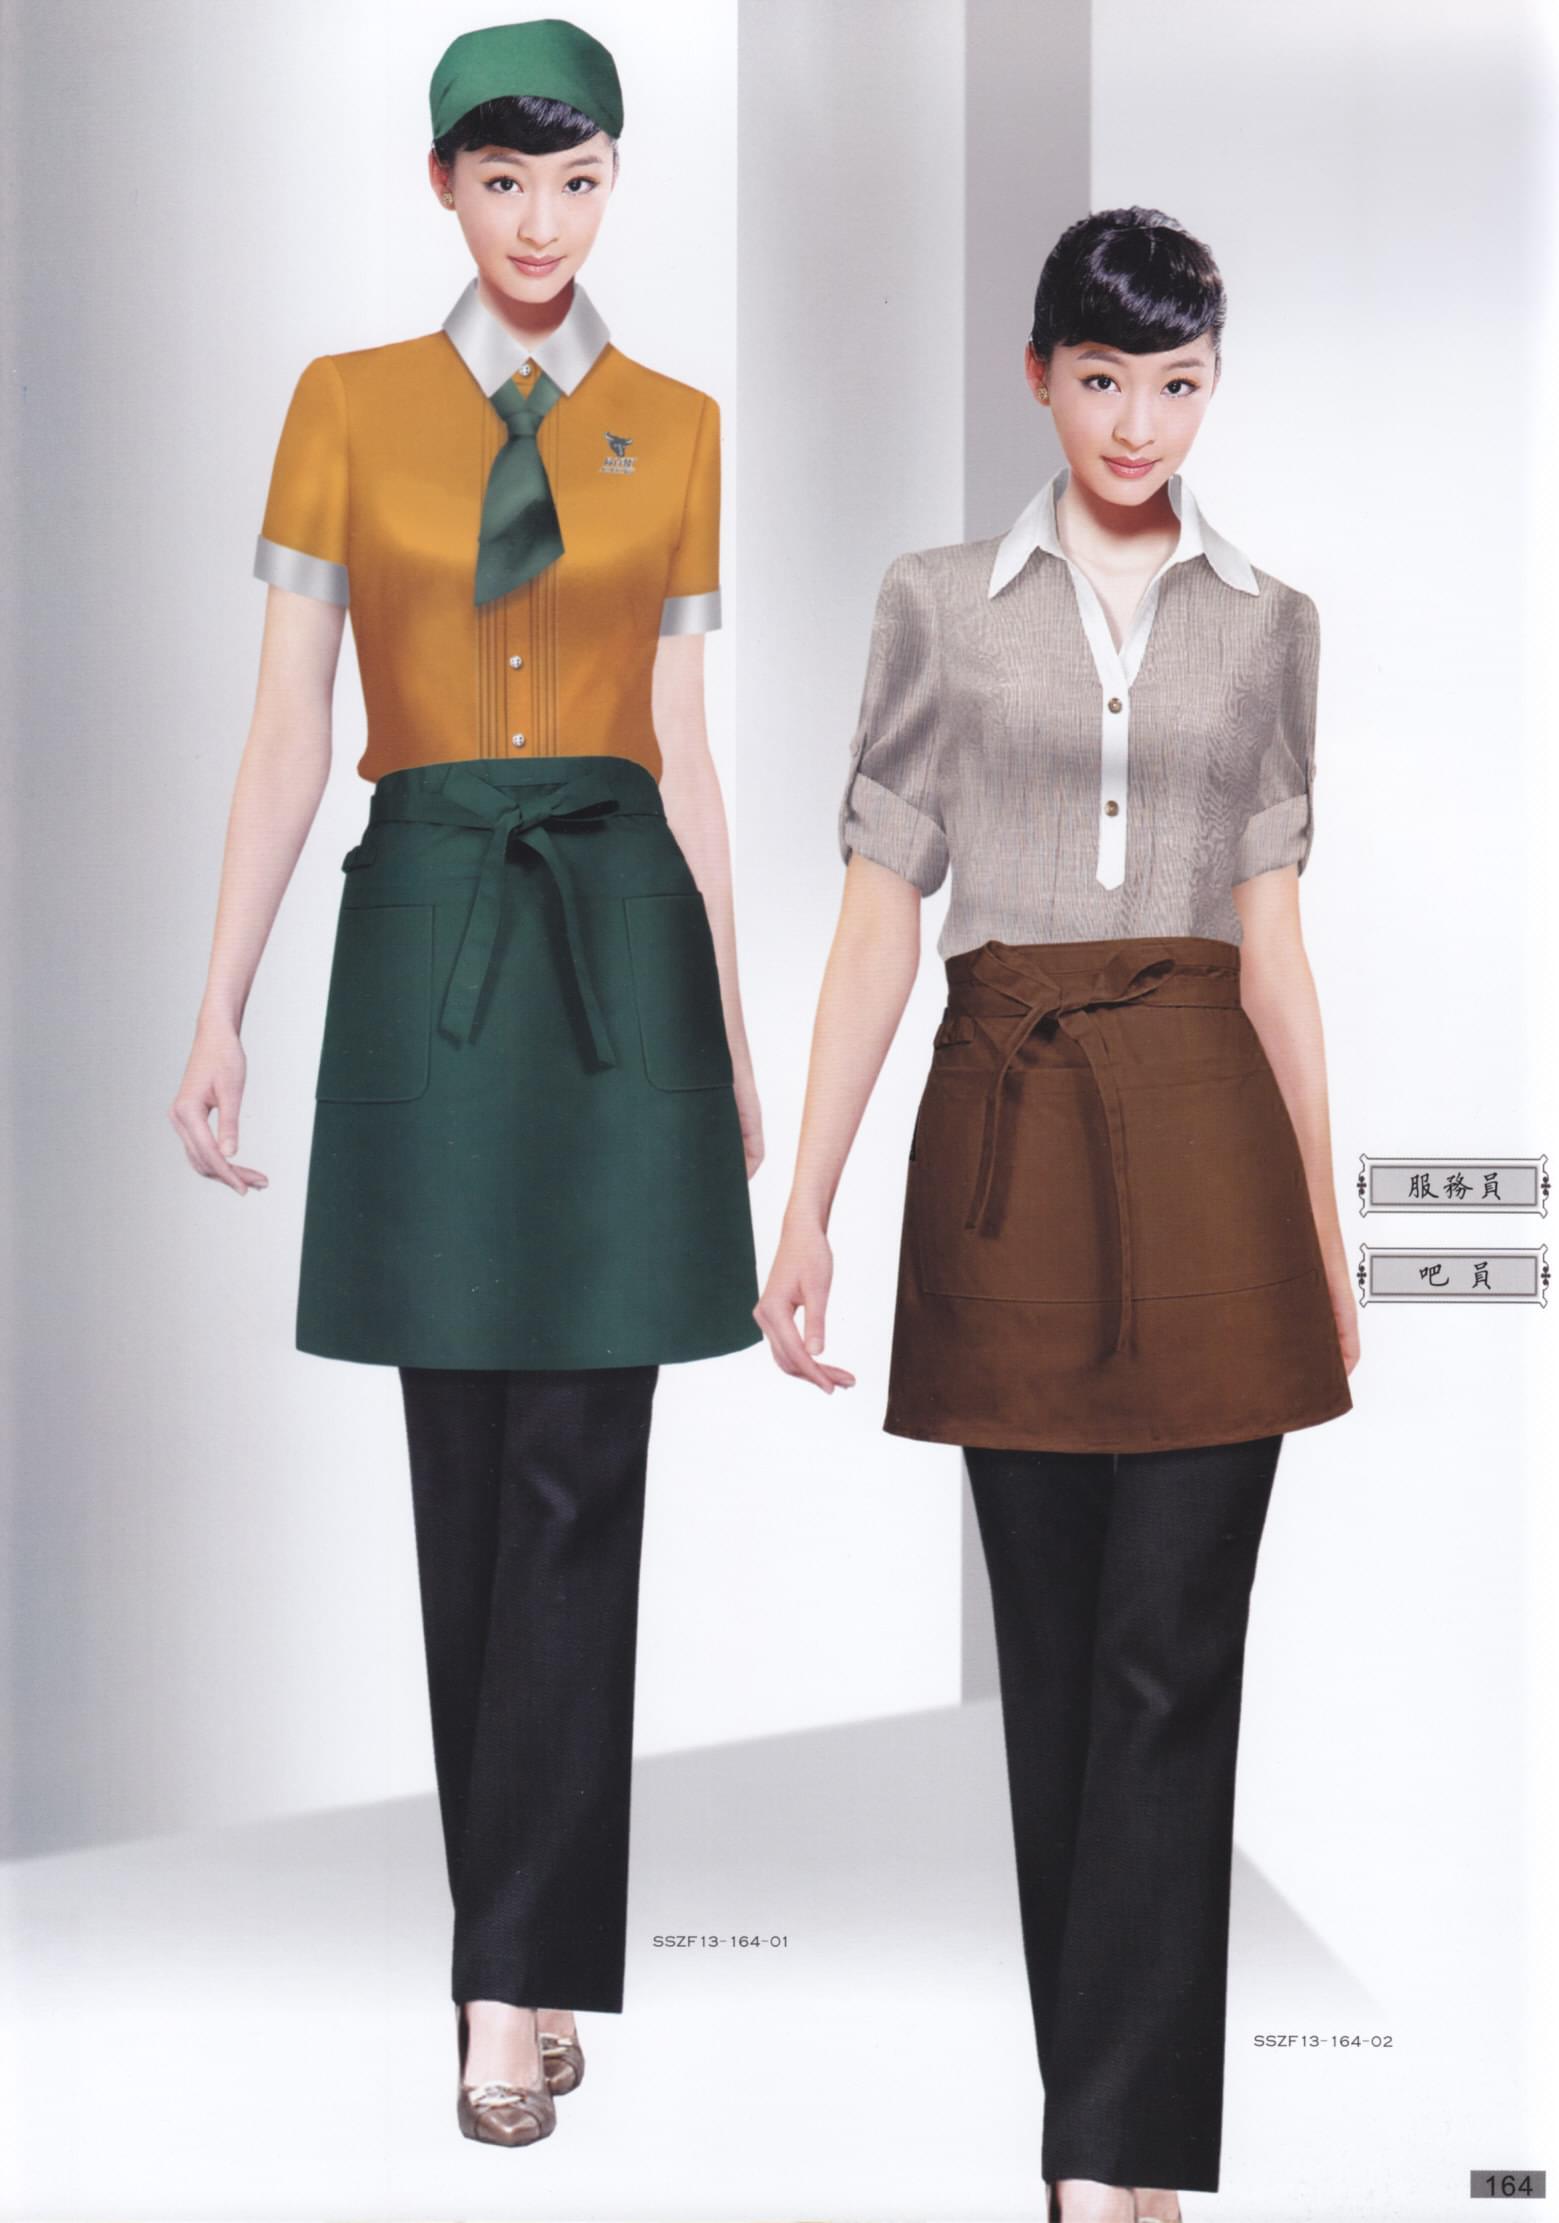 的款式设计时不仅要符合工作环境的需求,更要结合品牌定位及装修形象色调等进行整体设计,与logo、店面装修、形象宣传等形成一个整体的品牌形象设计。 连锁餐饮遍布全国各地,多常见的为身边名气餐饮,此类餐饮选择员工工作服时可选择衬衣、长裤、围裙款式,款式简单,穿着舒适,方便活动,不同颜色、不同面料的采用辨识度也较高。比如作为传统餐饮行业可选择偏中式风格的衬衣款式,在保持统一基调的基础上,围裙和上衣可以采用装饰设计,领口盘扣与围裙颜色交相呼应,也让人眼前一亮。  对于以颜色标志为主的品牌,工作服则可以选择品牌颜色